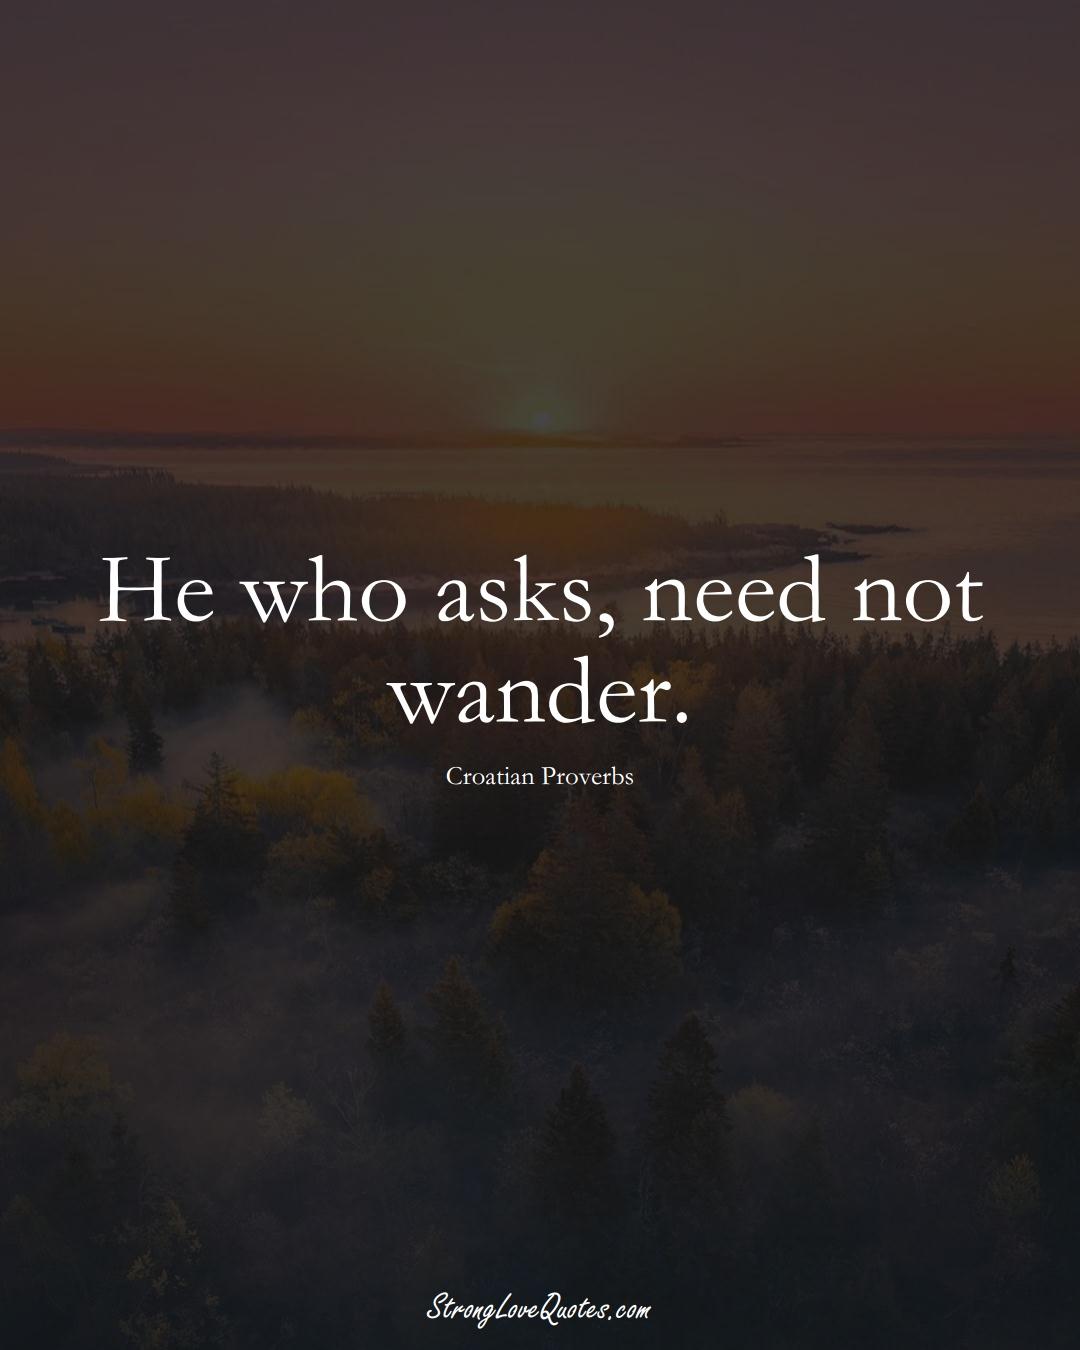 He who asks, need not wander. (Croatian Sayings);  #EuropeanSayings